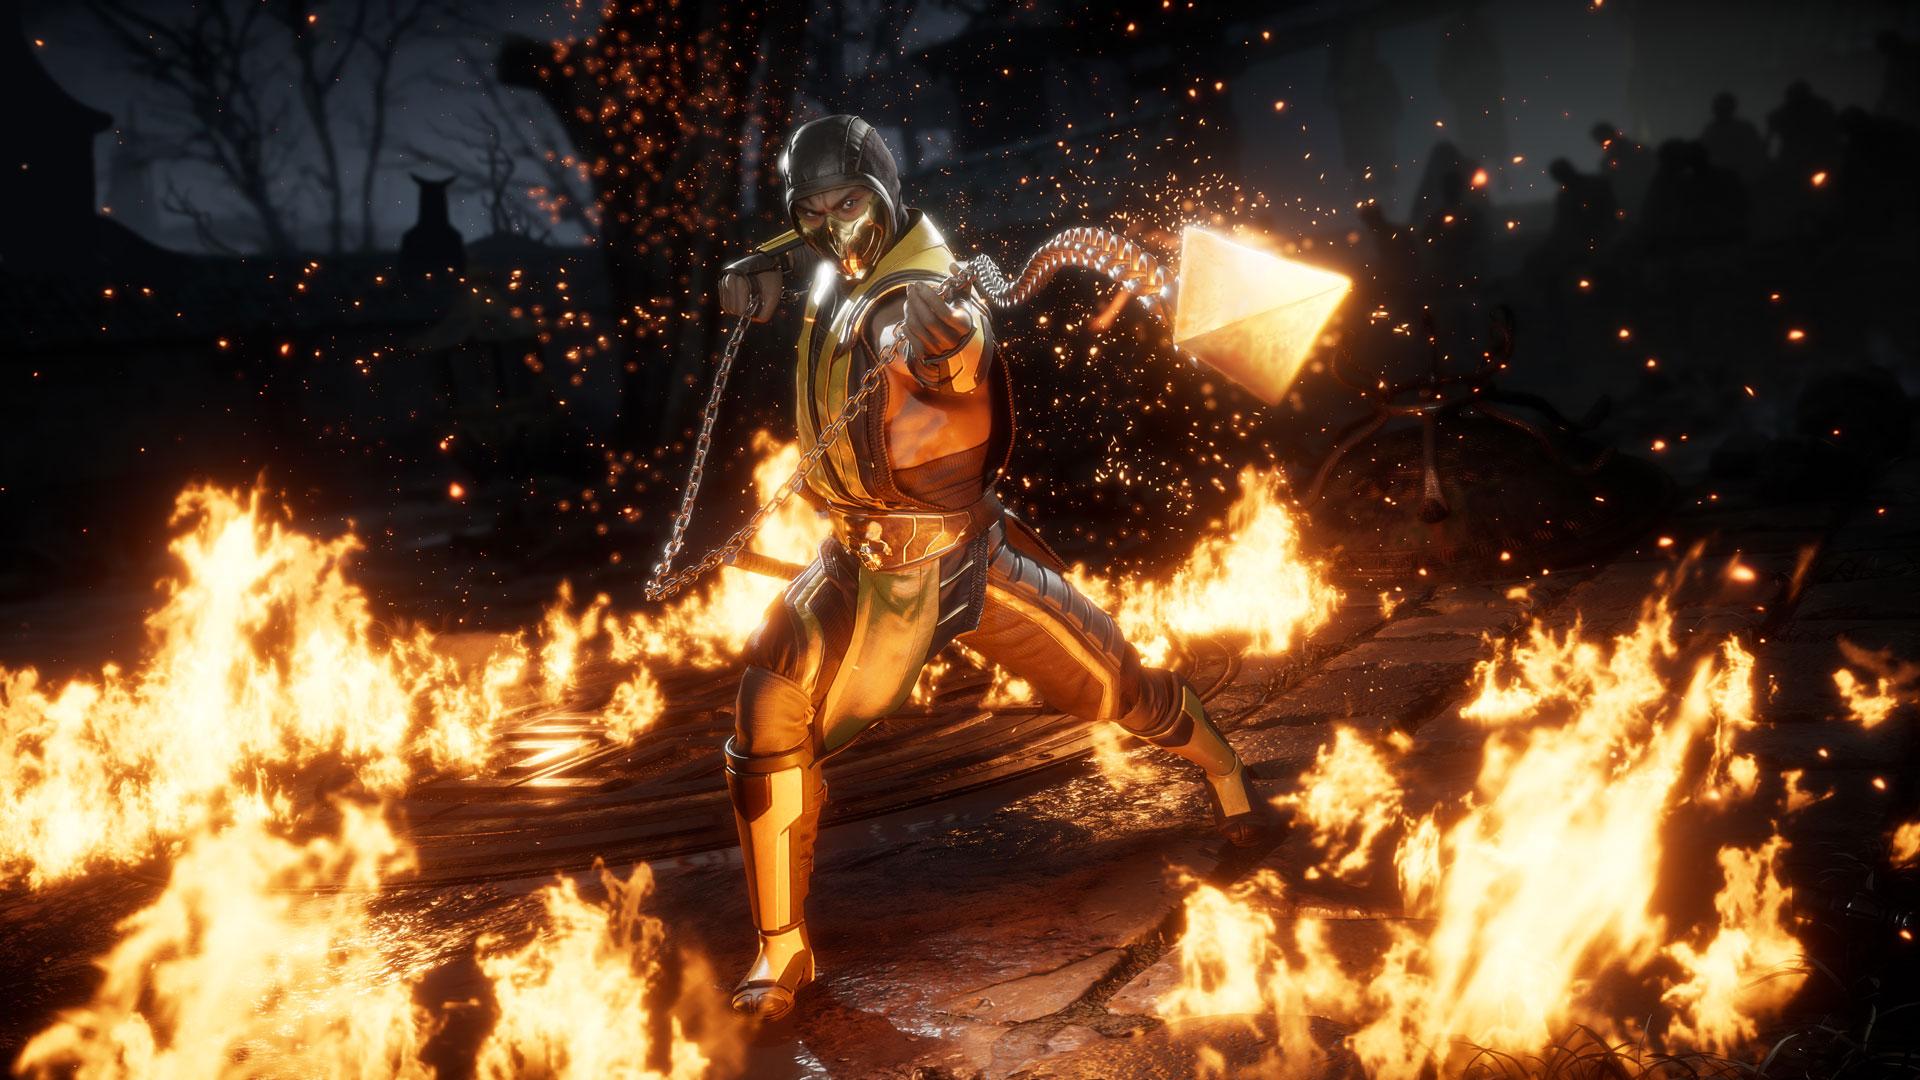 dmjsulsl.jpg - Mortal Kombat 11